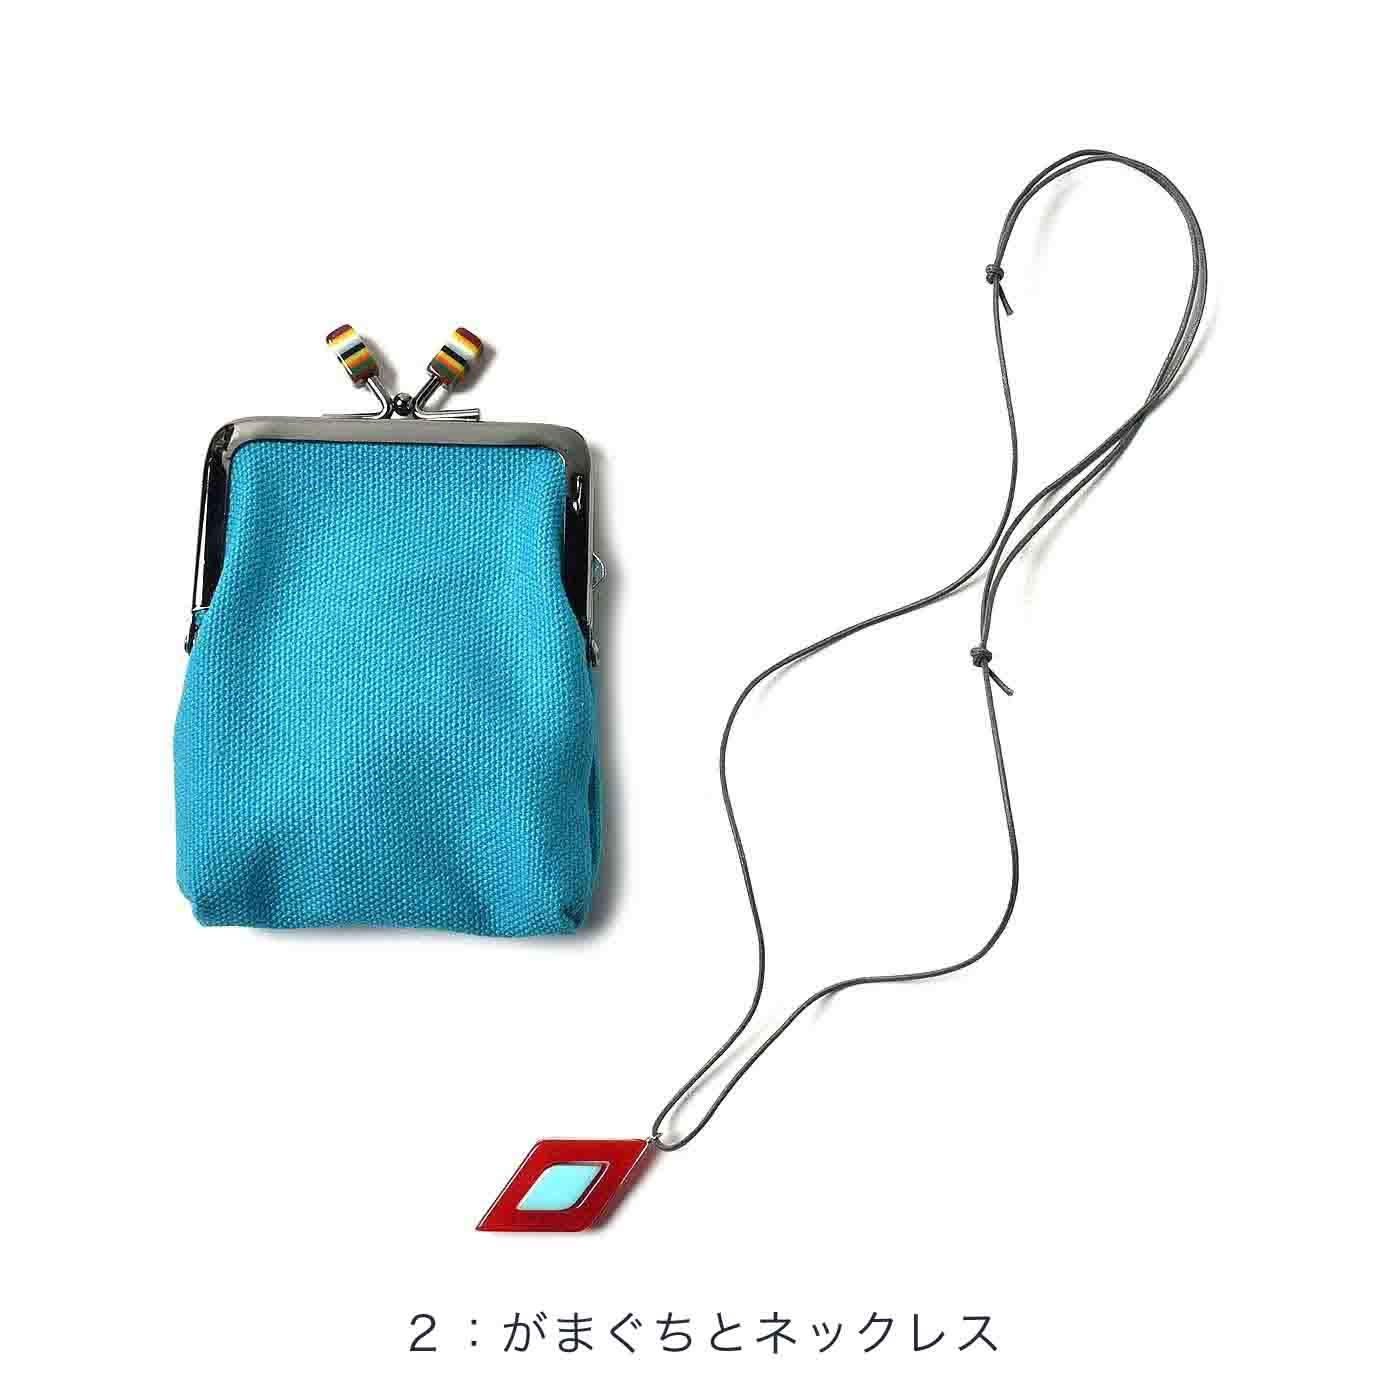 ポイントカードなどが入れられるプチがまぐちとネックレスのセット。縦約10cm(口金部分含まず)、横約7.5cm、厚み約1cm